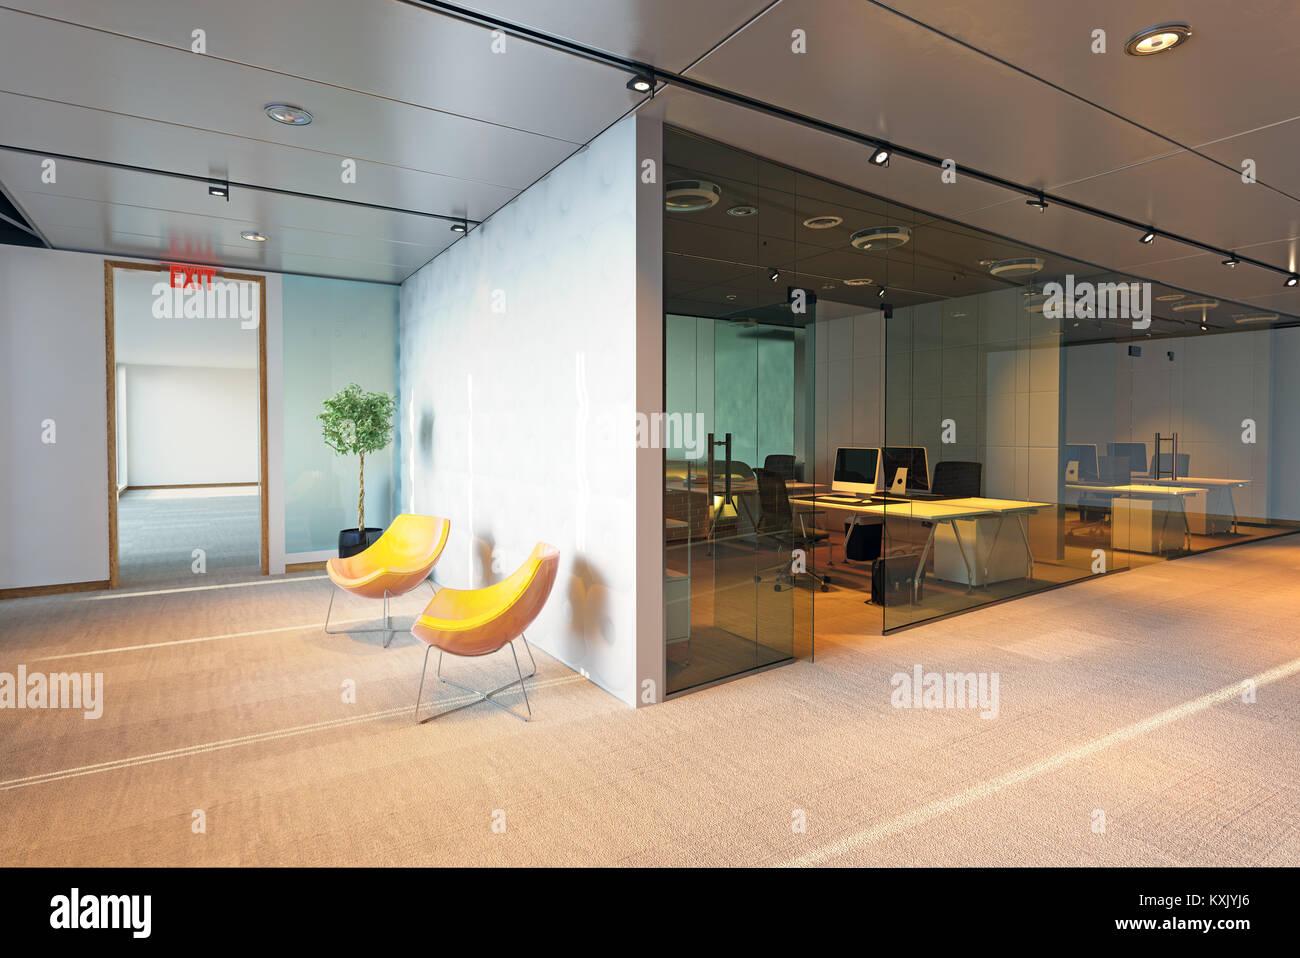 Immeuble de bureaux modernes de l'intérieur. Concept de rendu 3D Photo Stock